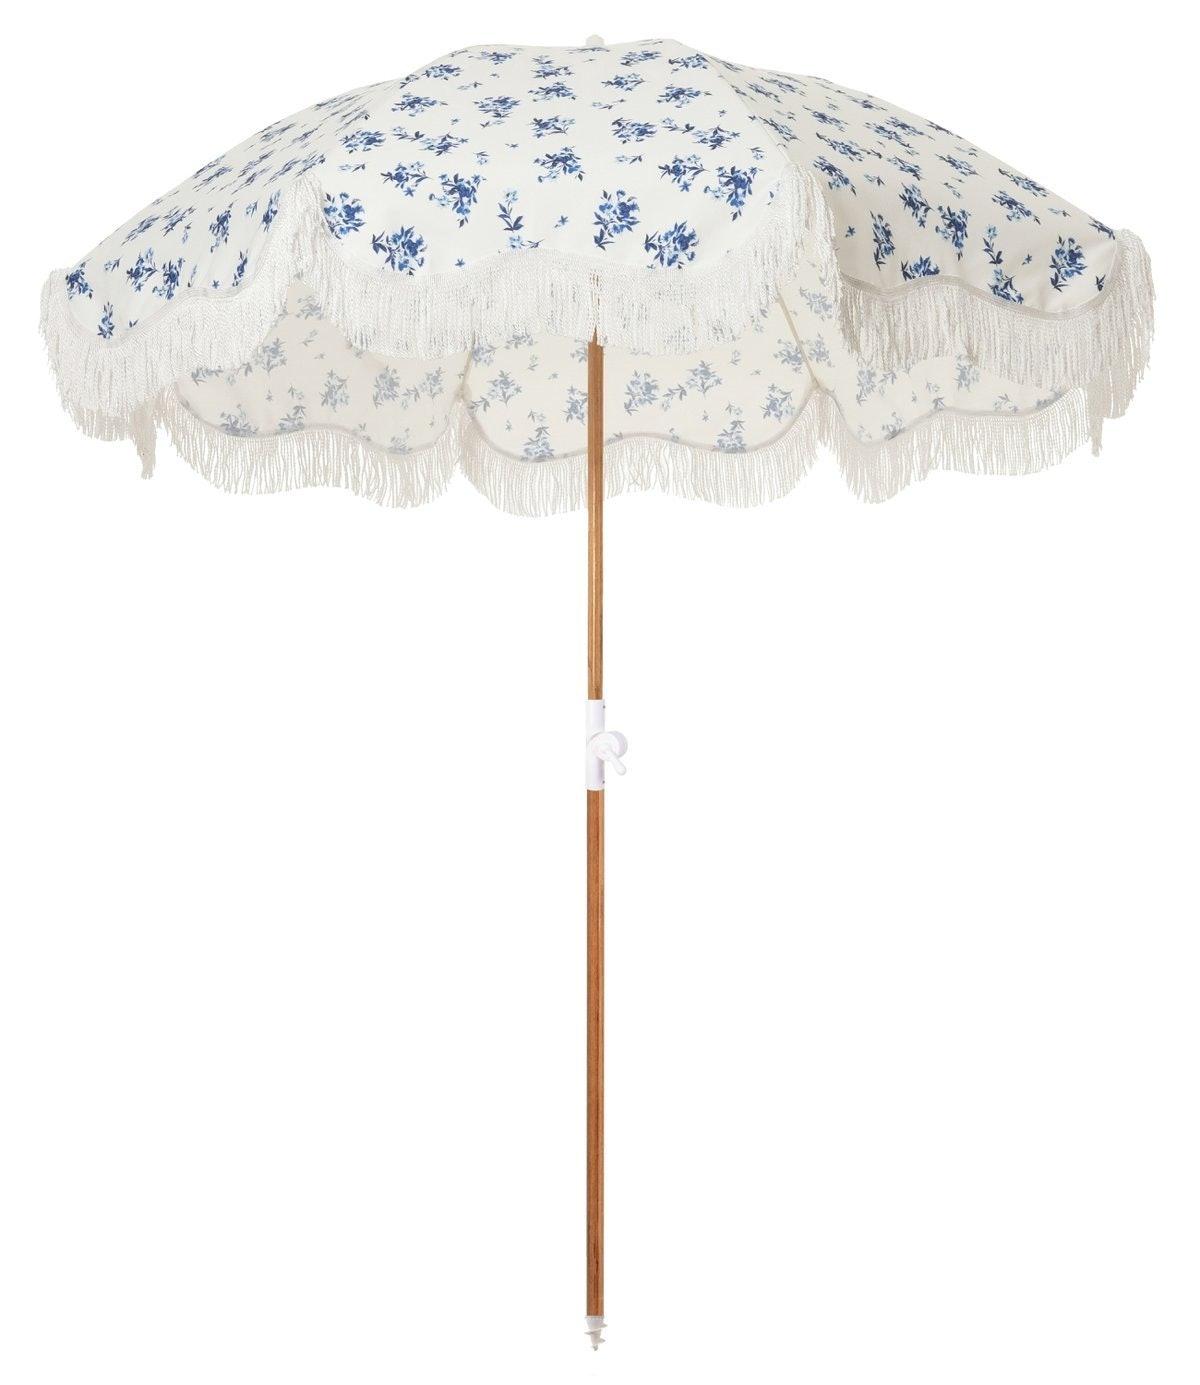 The Holiday Beach Umbrella - Stone Cold Fox Prairie